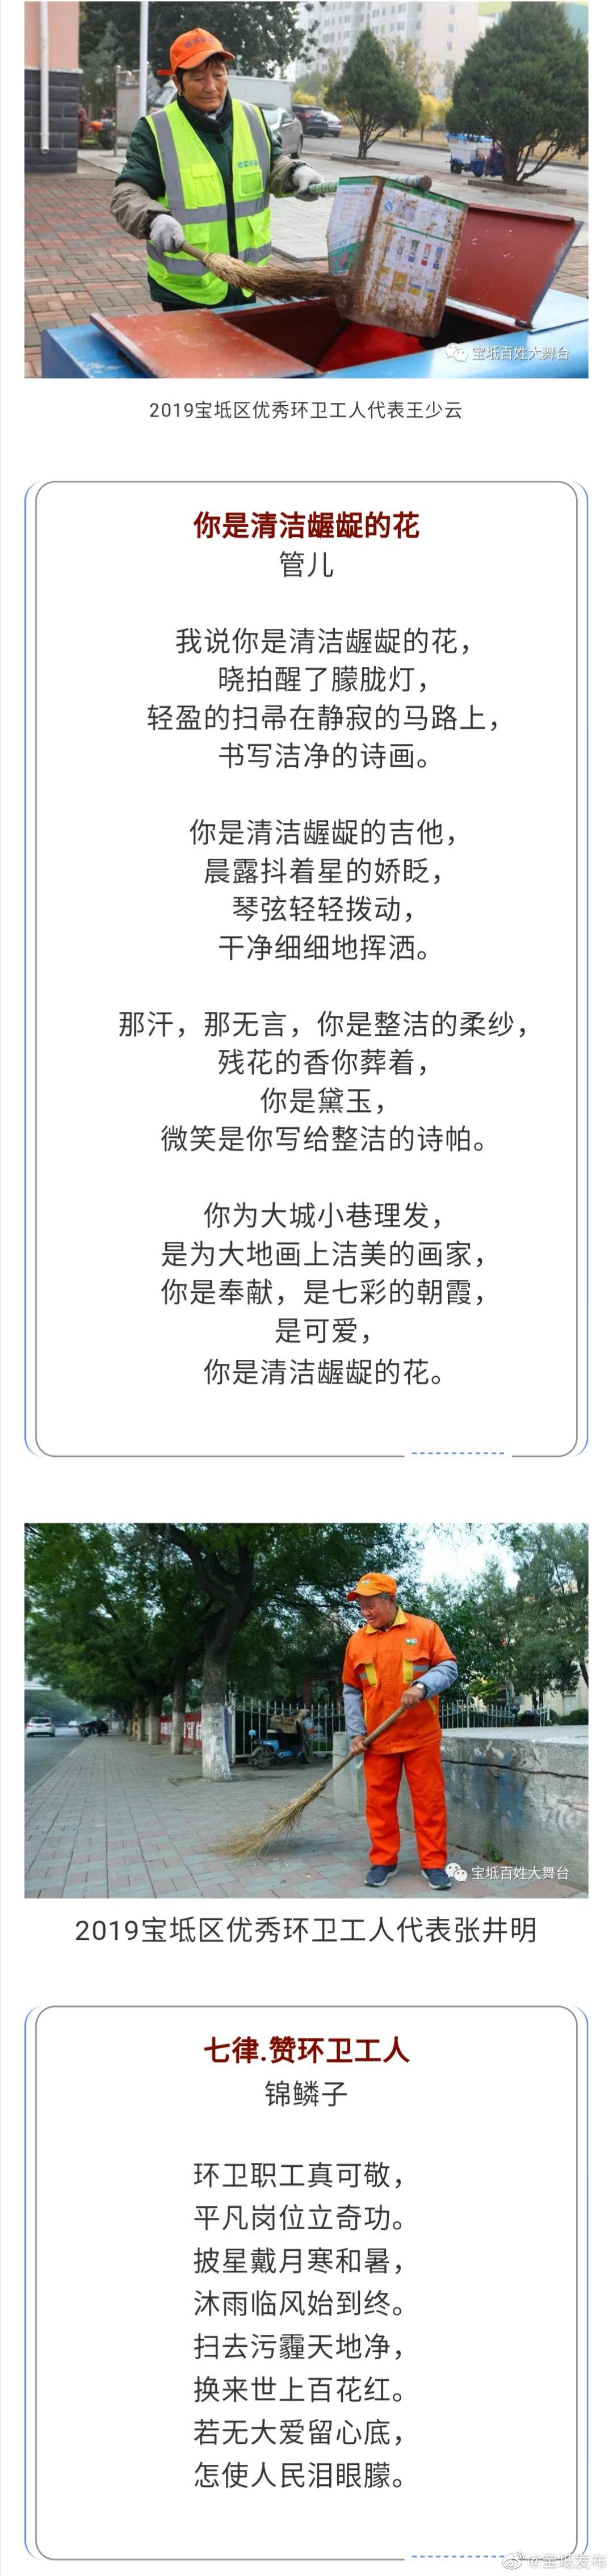 宝坻榜样 赞美环卫工人:有图、有诗